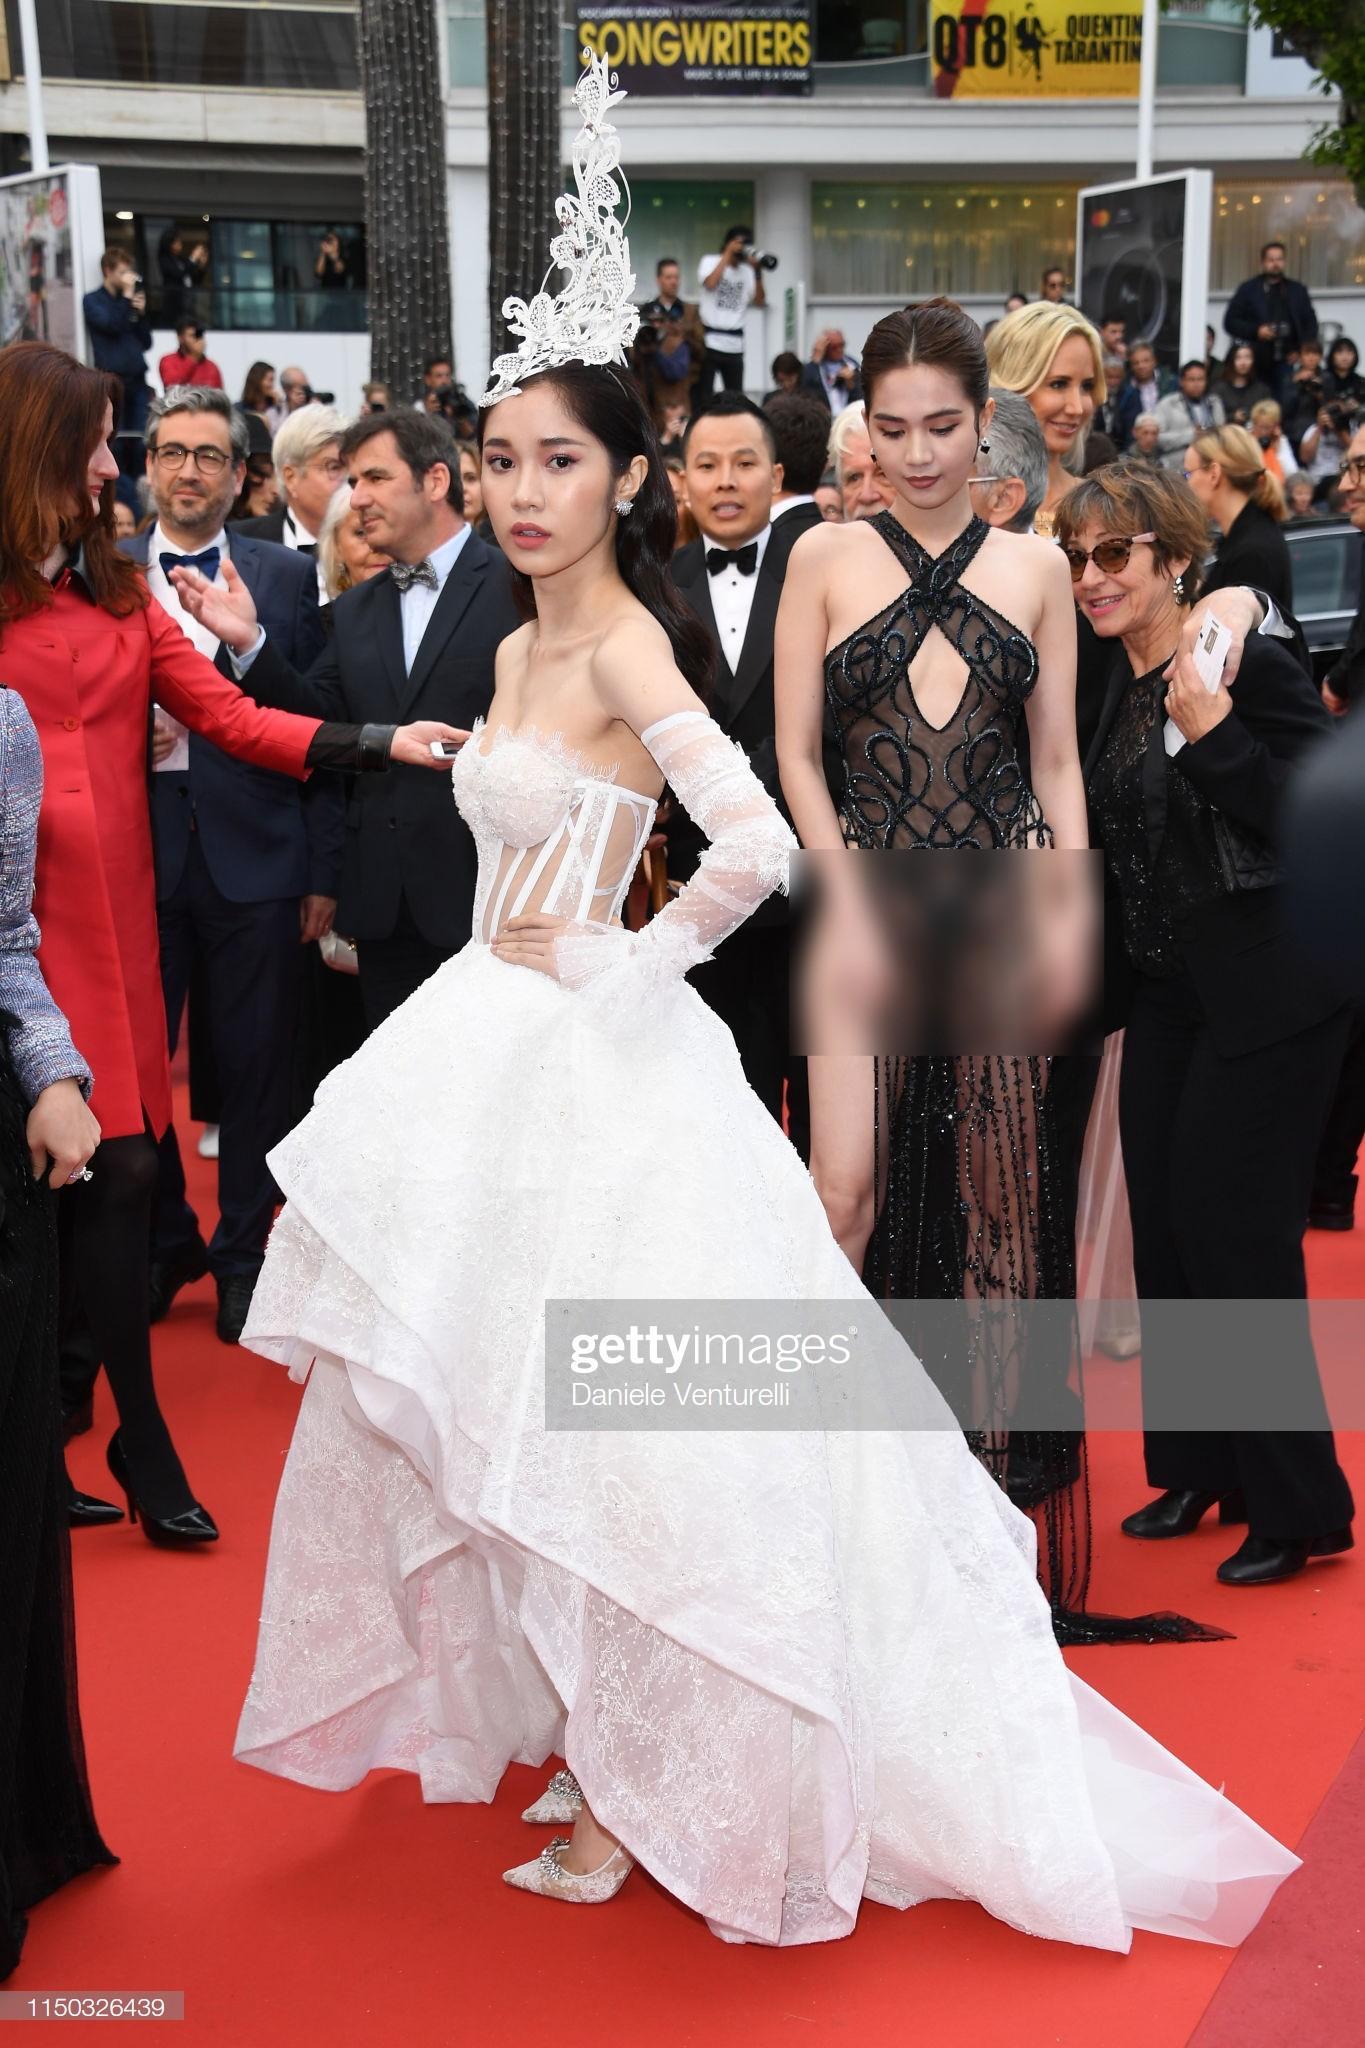 Thêm mỹ nhân Việt xuất hiện tại Cannes: Ăn mặc diêm dúa, cố tình chơi trội, hoá ra là người quen của Ngọc Trinh - Ảnh 5.